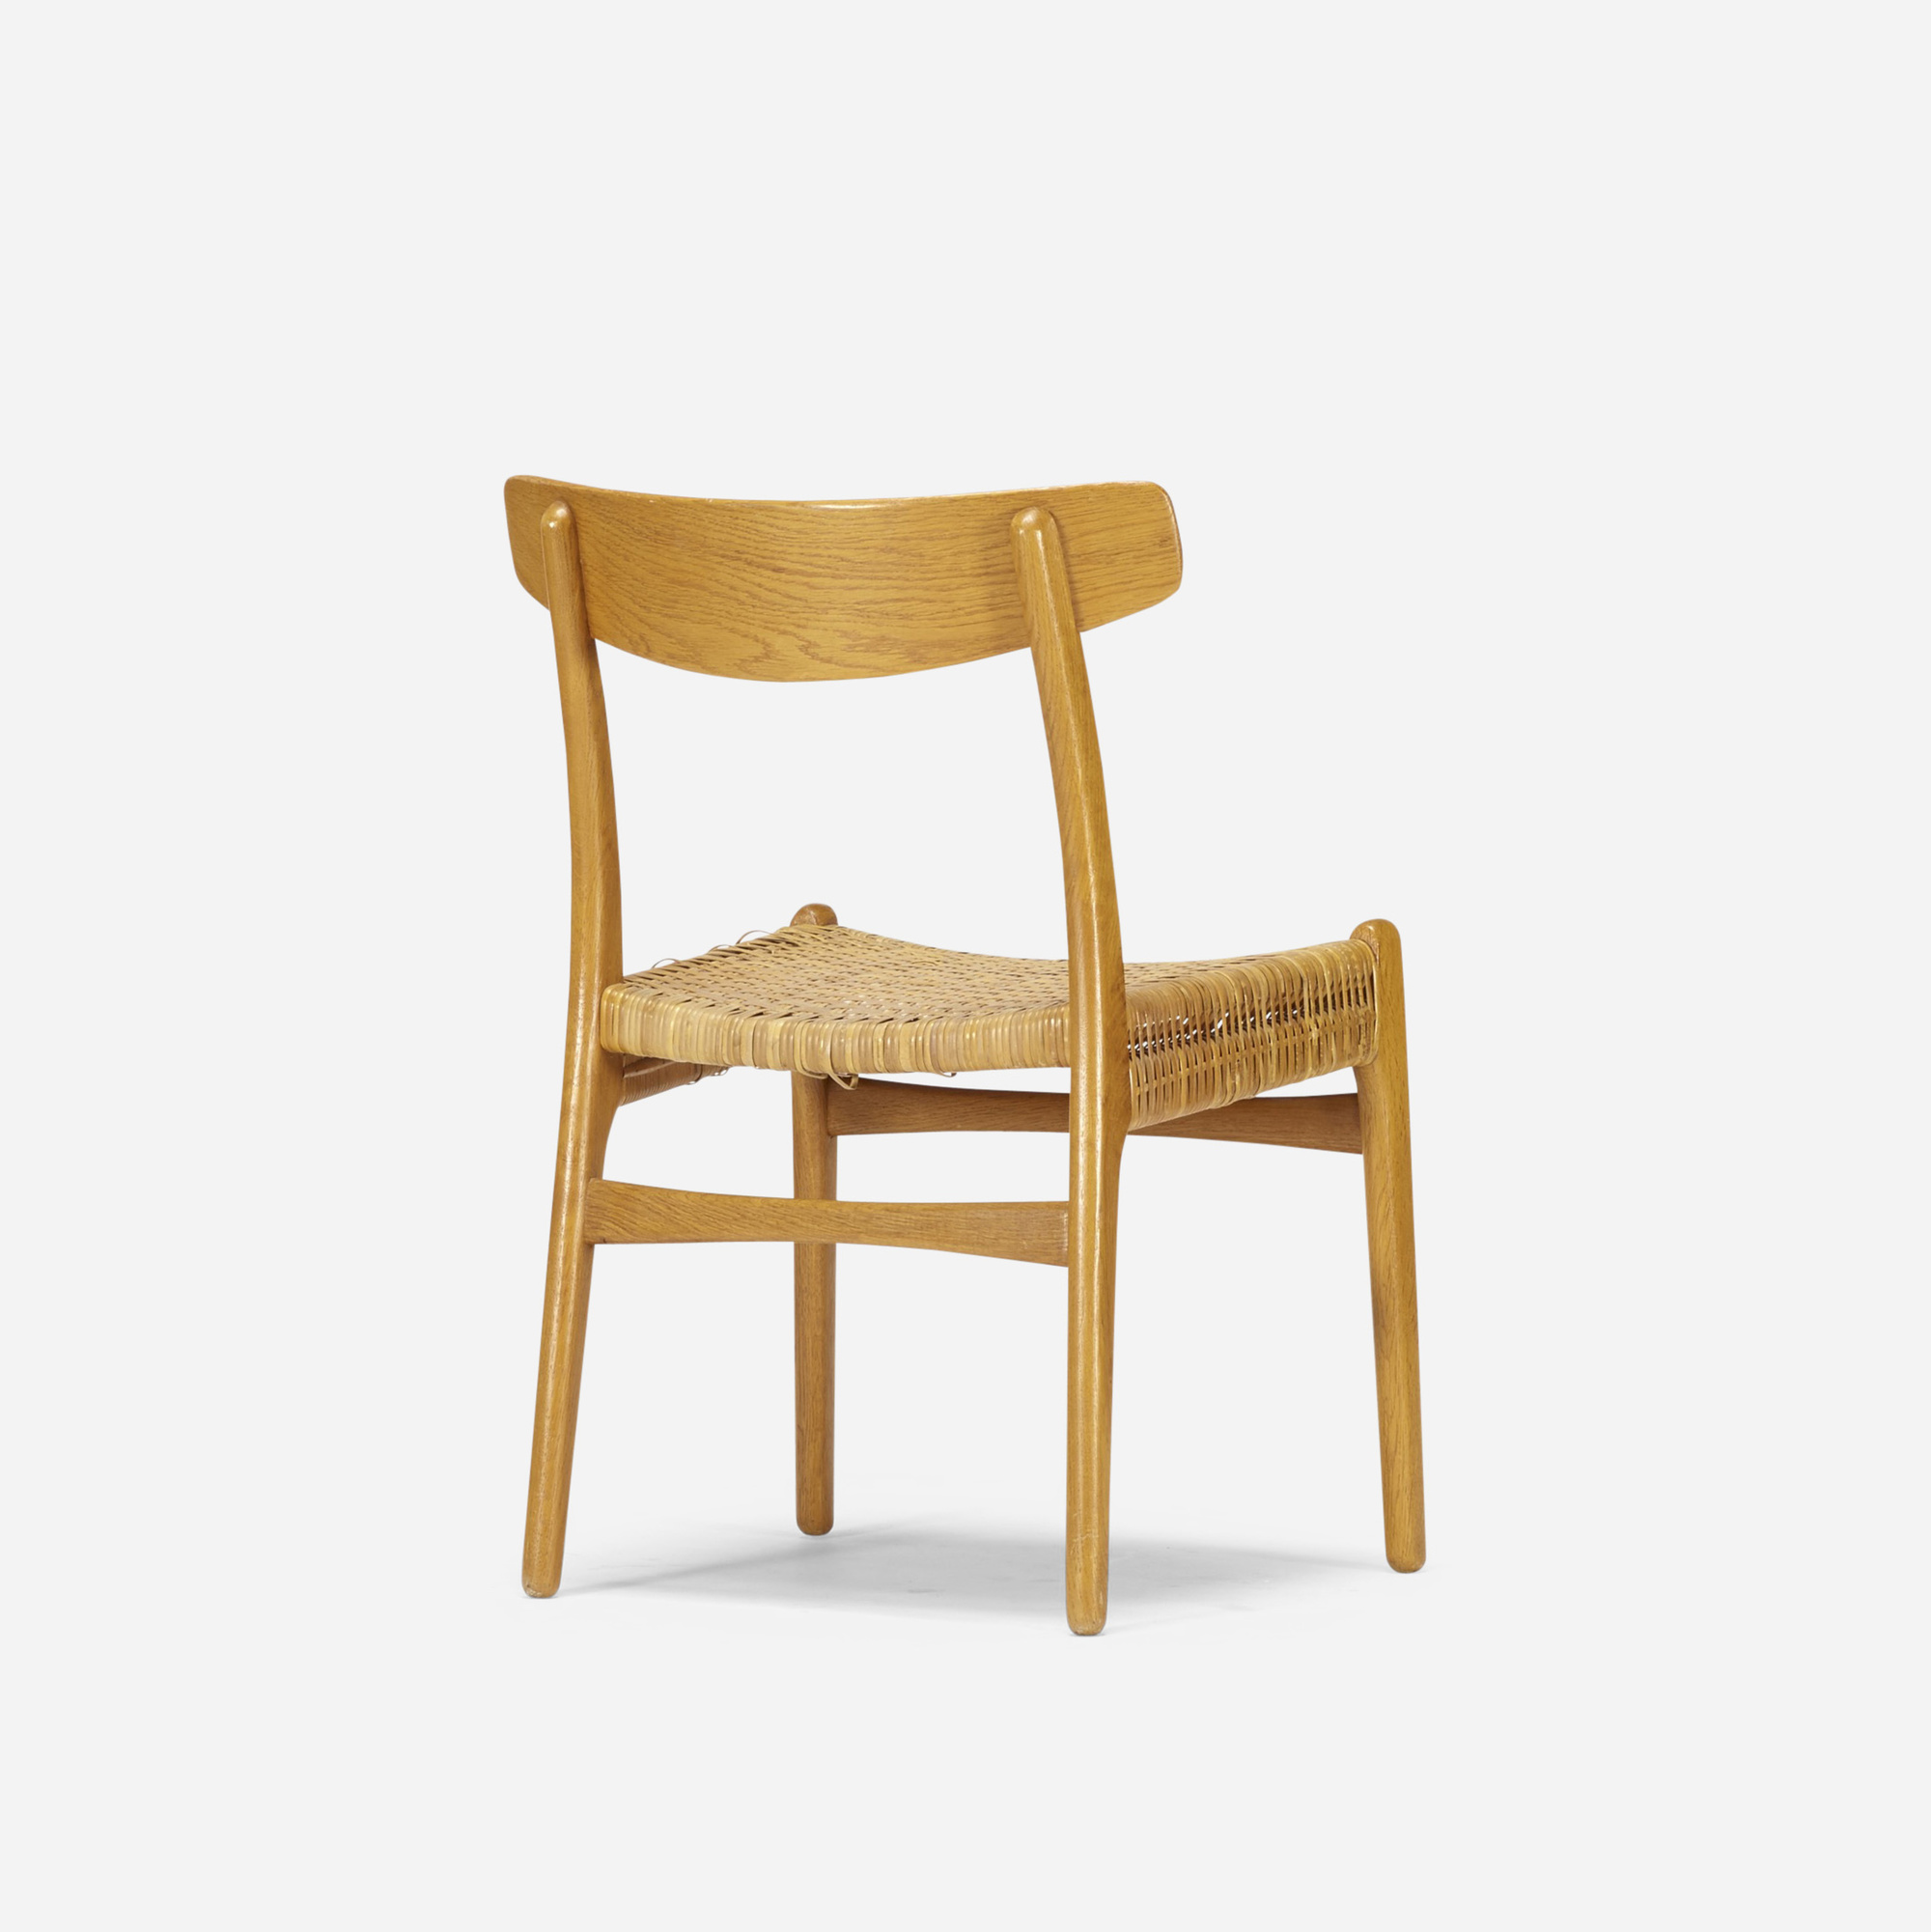 790: Hans J. Wegner / dining chair, model CH23 (3 of 4)